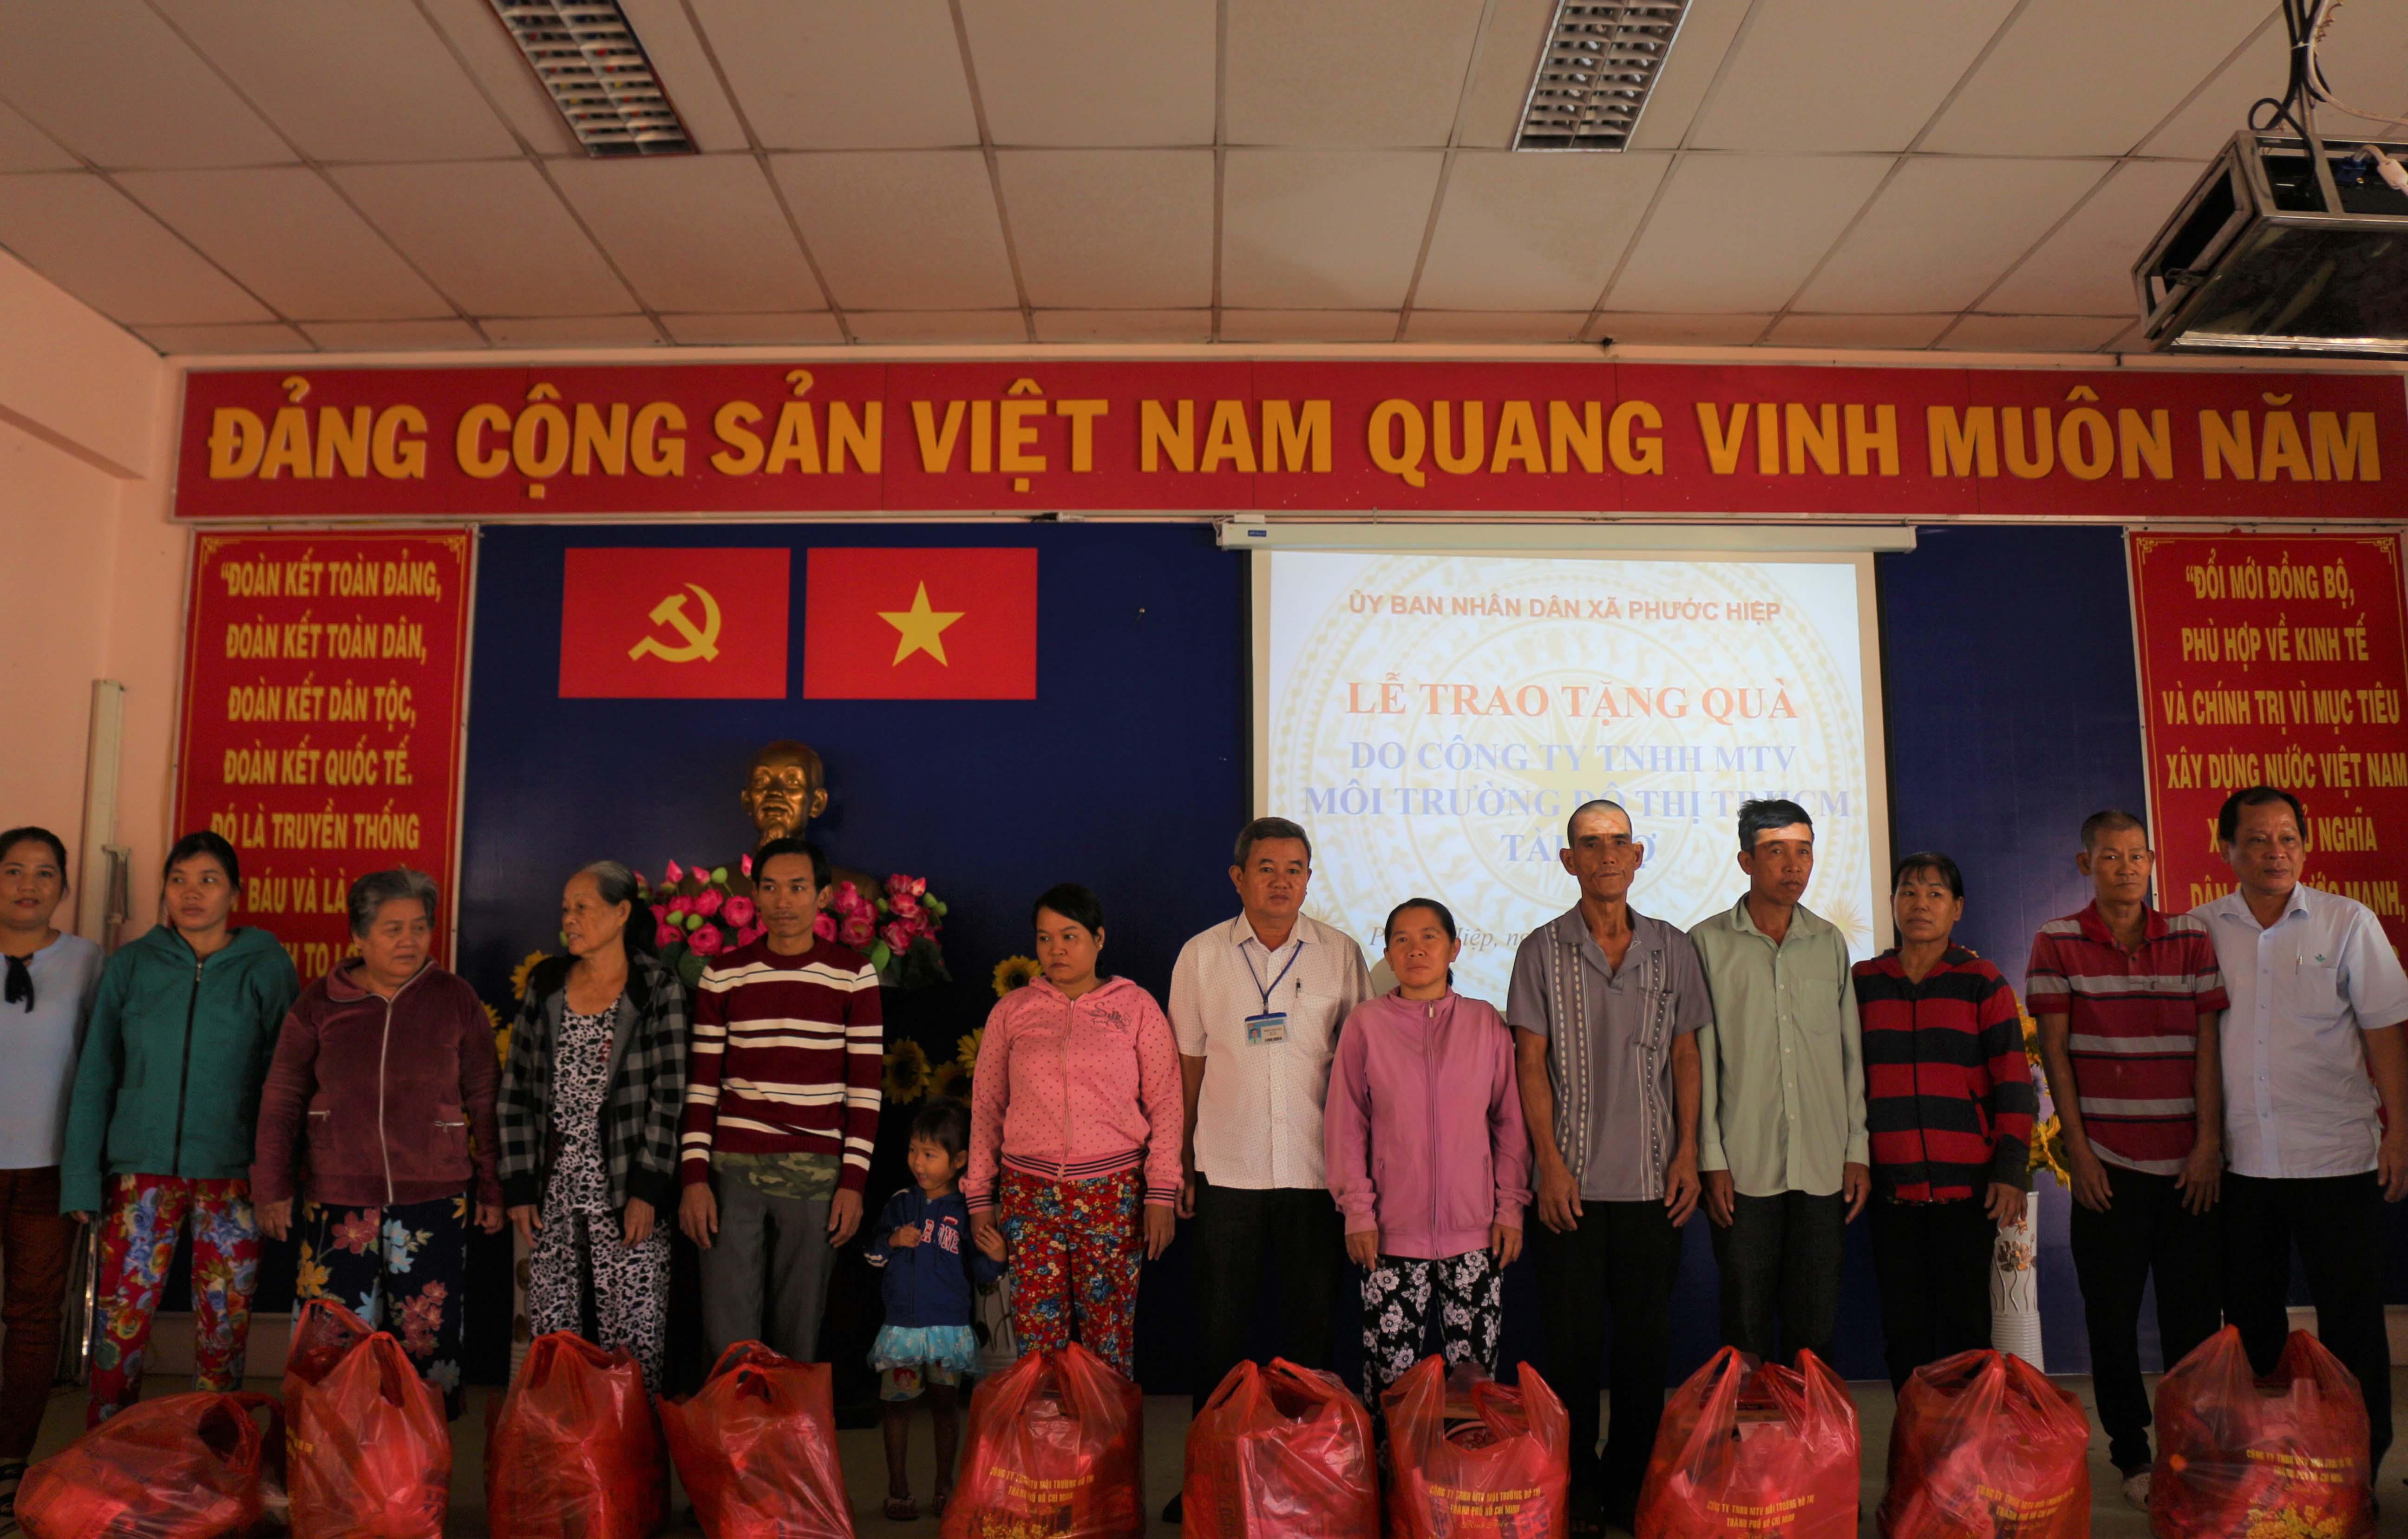 Thăm và tặng quà cho người dân tại xã Phước Hiệp, Củ Chi